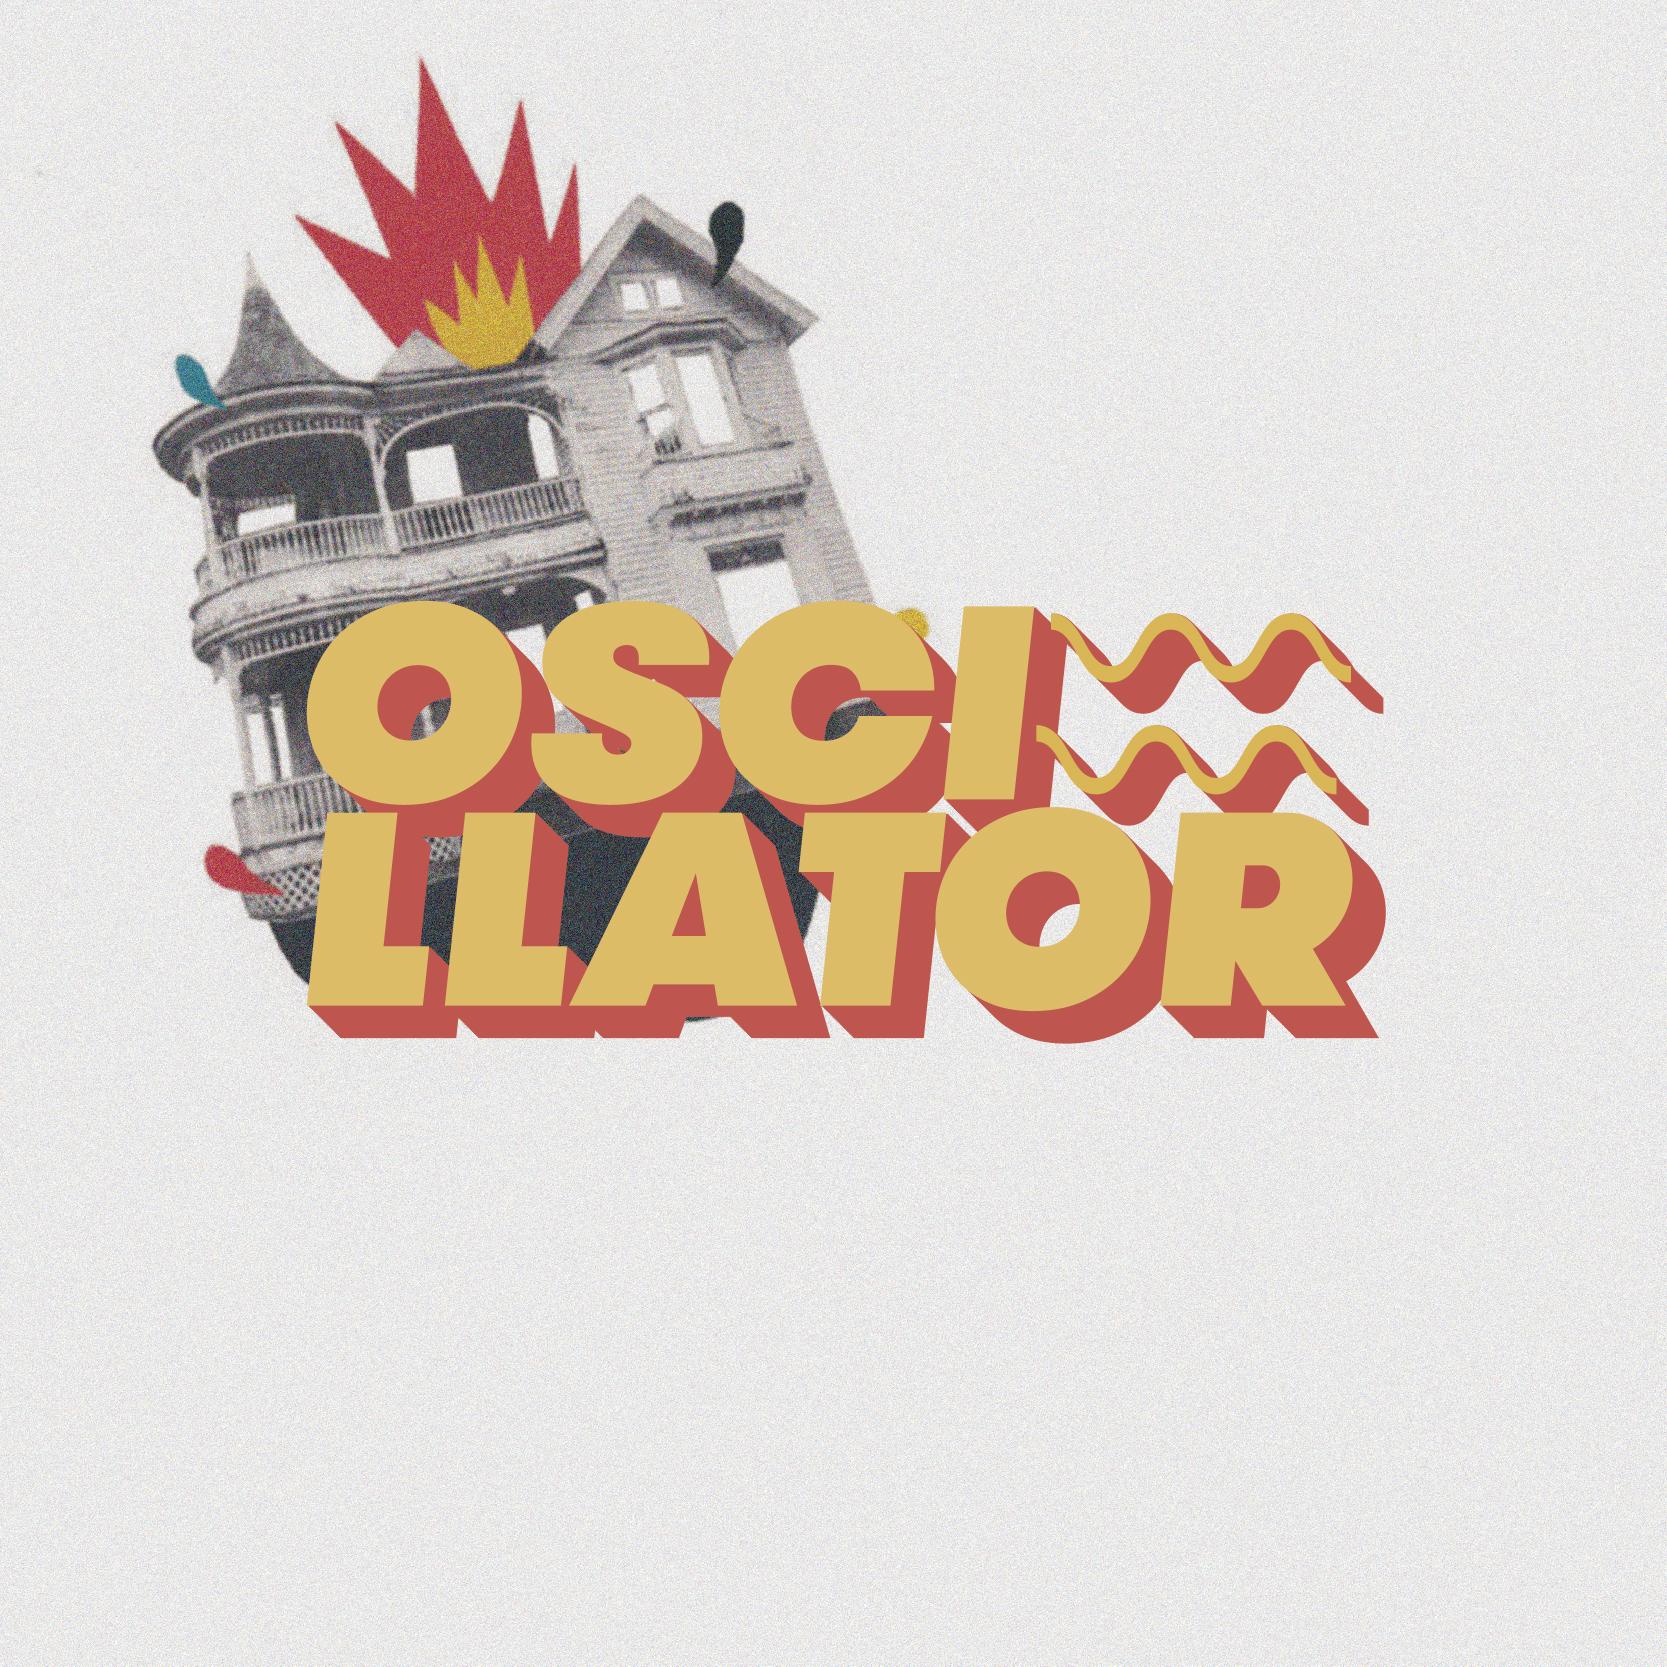 OSC_07_04_2021